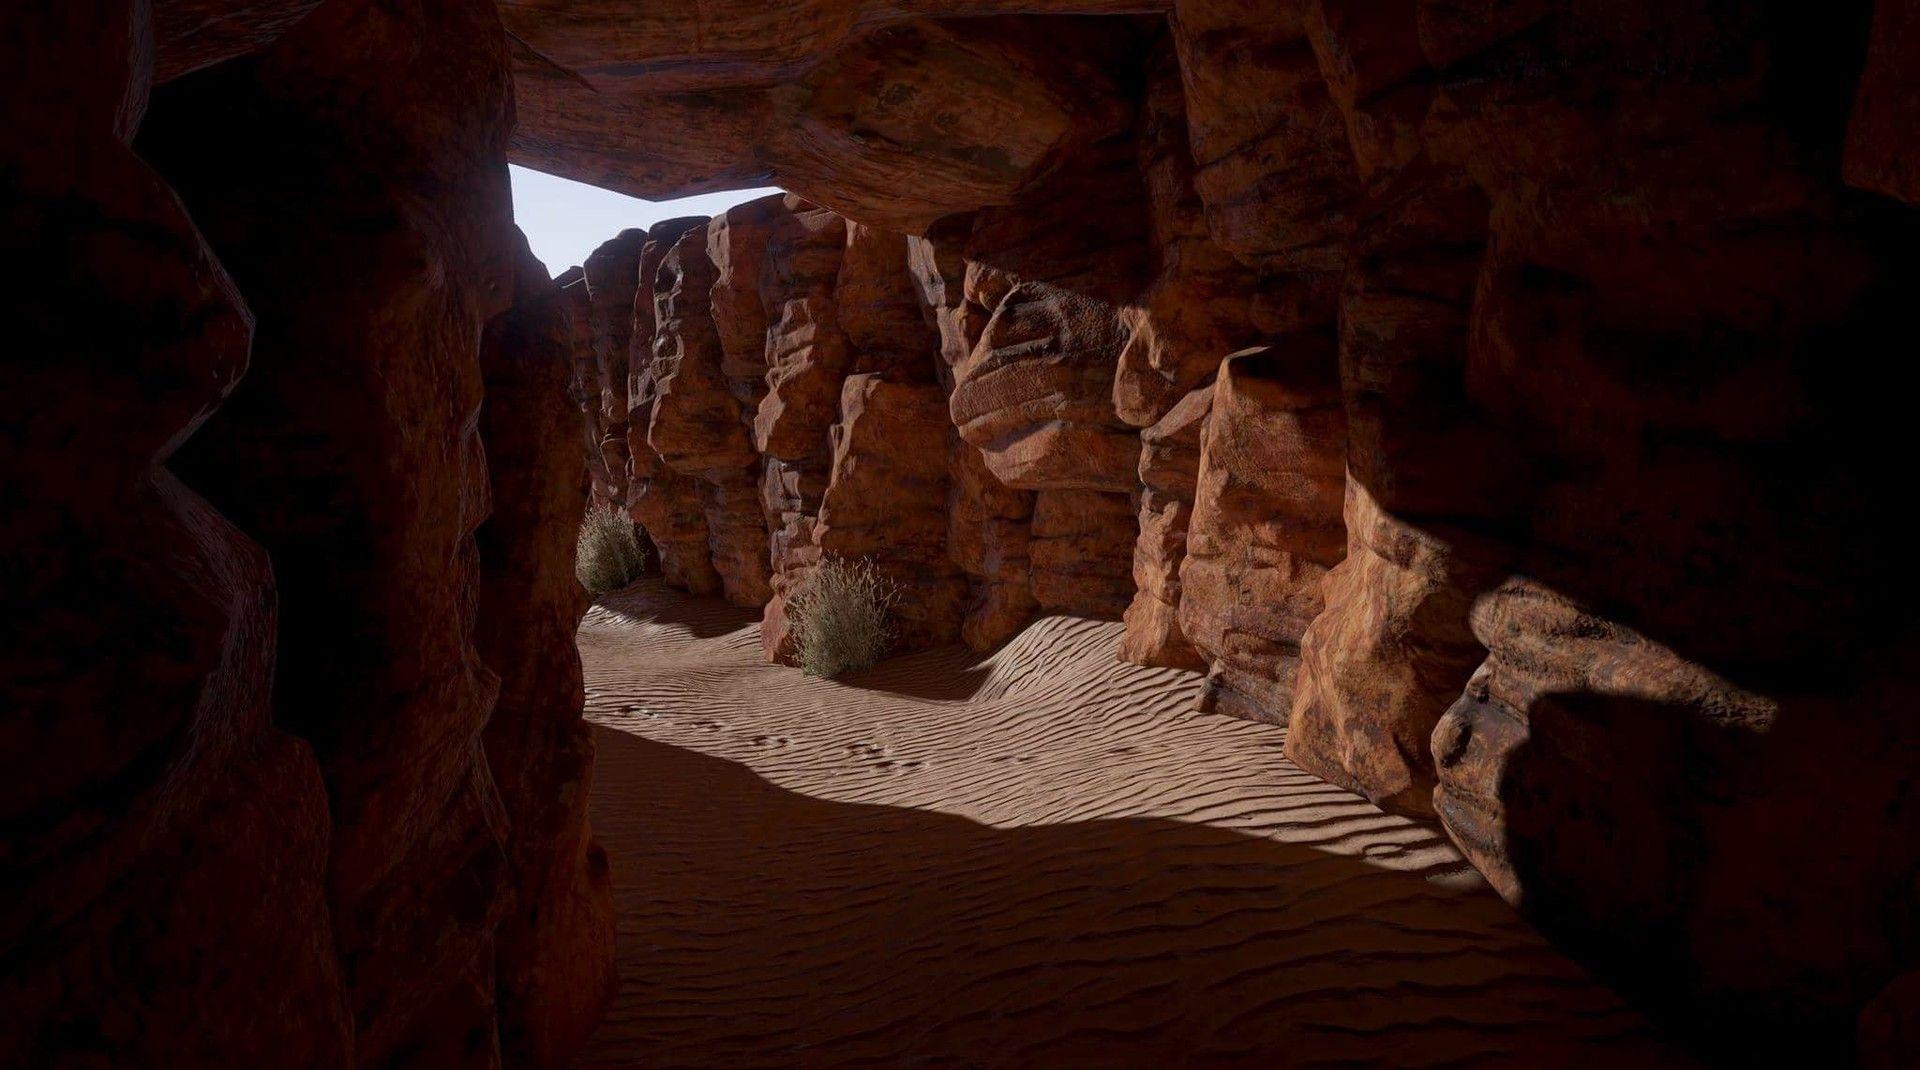 ArtStation - Unreal 4 Desert , Giovanni Shull